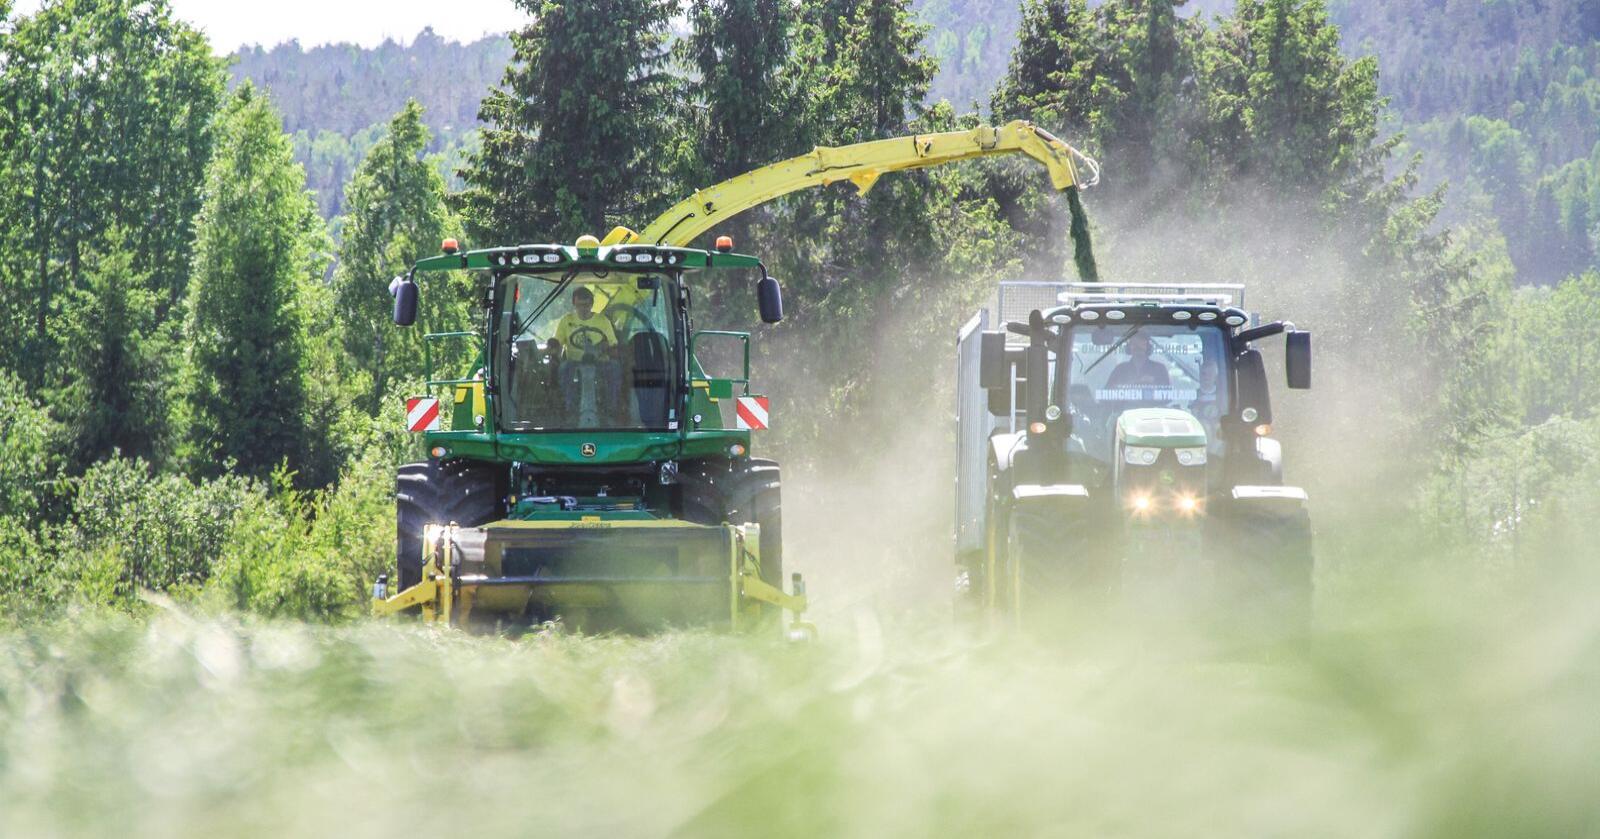 Eiker Høstelag har investert om lag fire millioner kroner i nytt høsteutstyr til grovfôr. En Harvestlab for grovfôranalyse spiller hovedrollen i arbeidet.  Foto: Hans Krekling